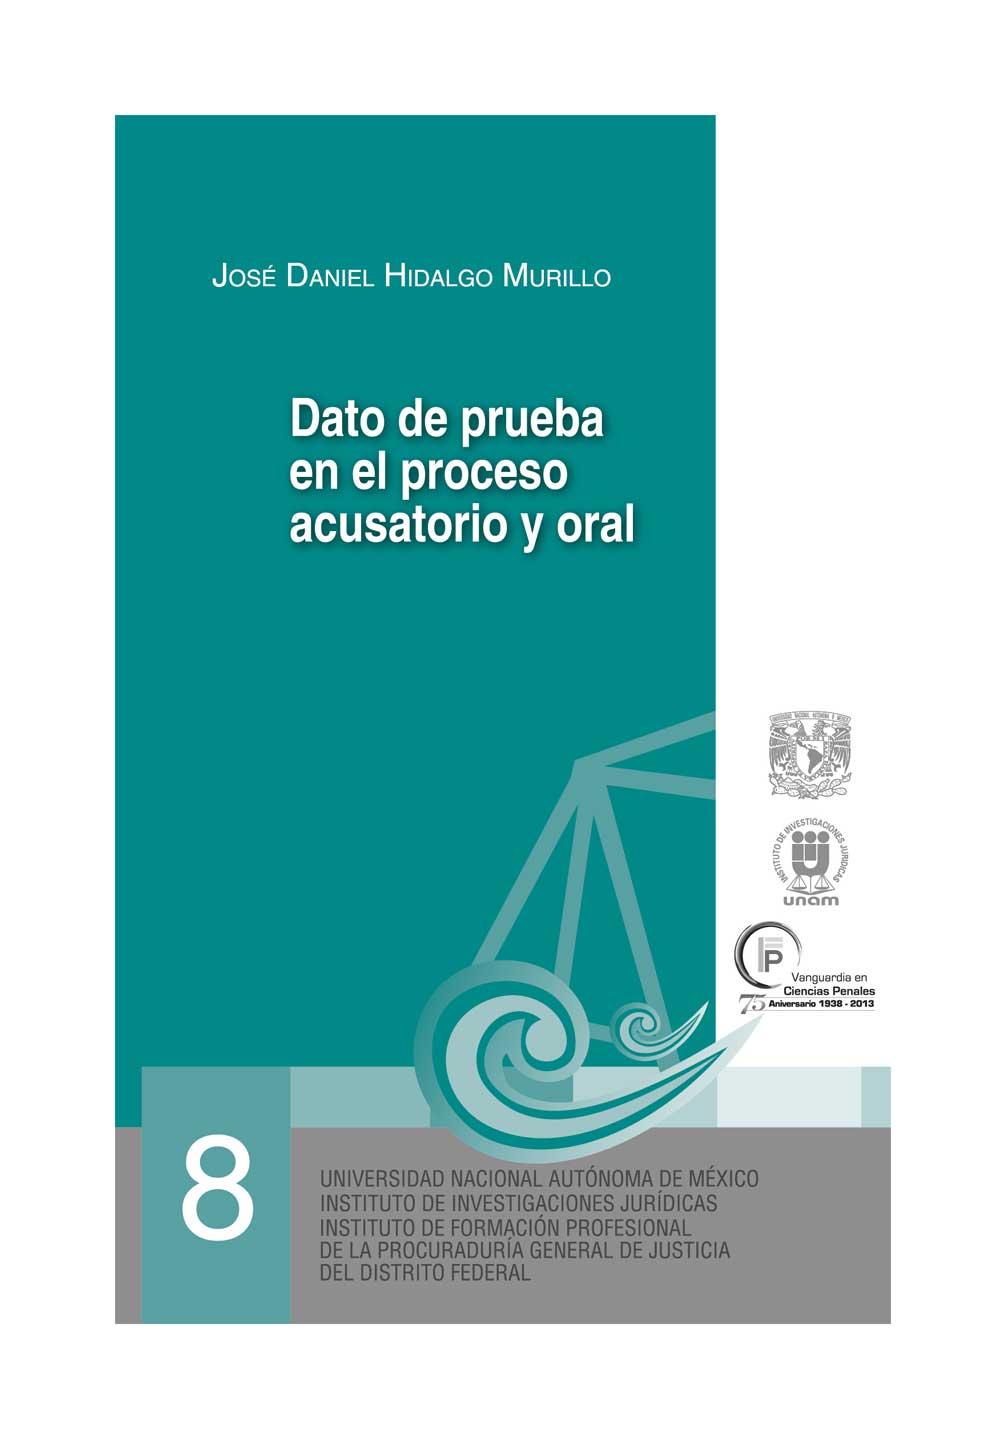 08. Dato de prueba en el proceso acusatorio y oral. Serie Juicios Orales, núm. 8